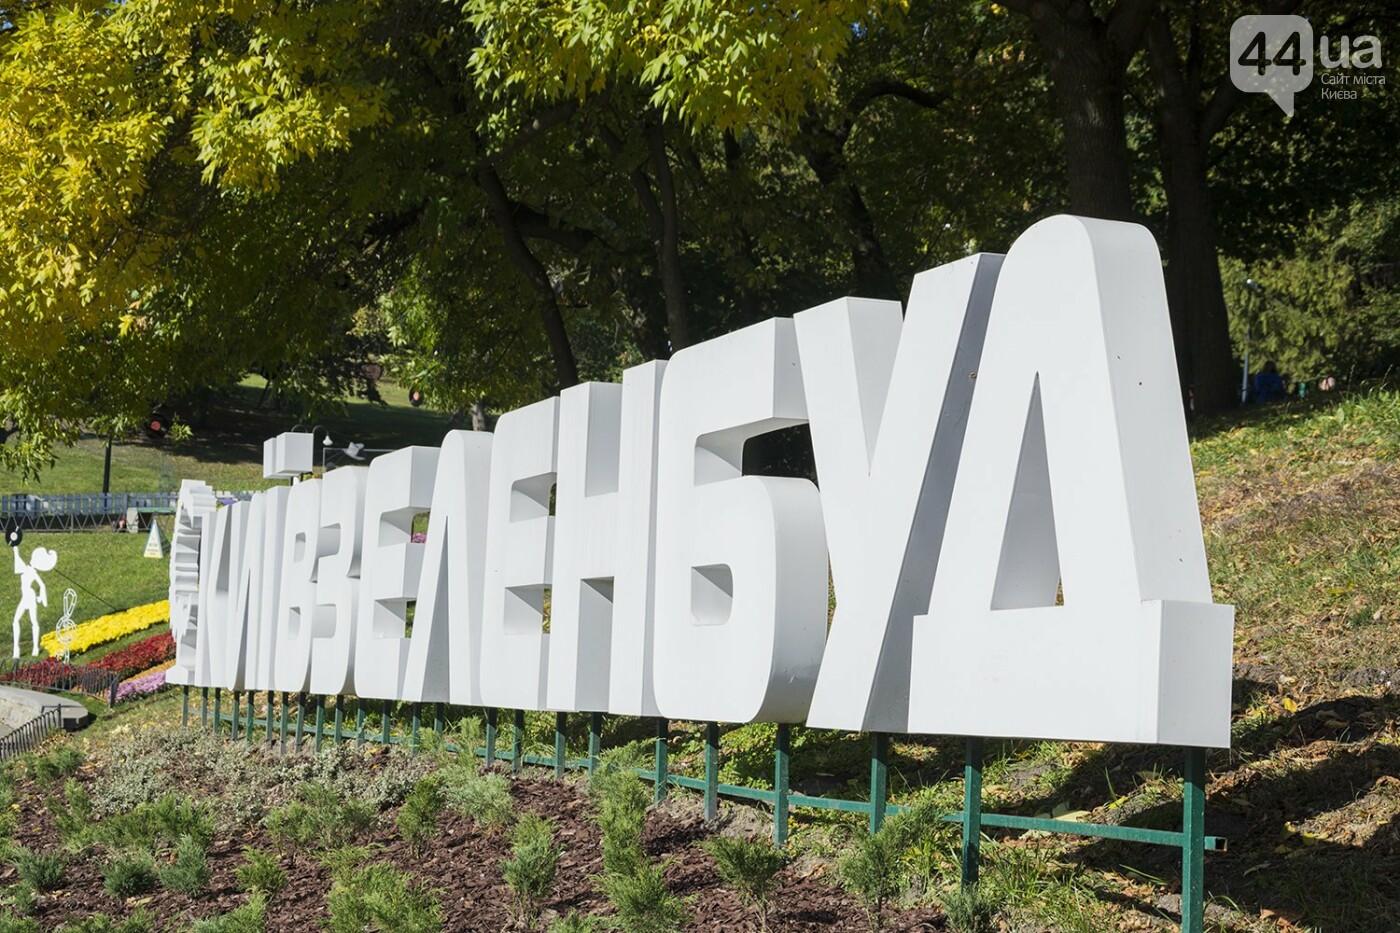 С музыкой и цветами: в Киеве стартовал красочный фестиваль хризантем, - ФОТОРЕПОРТАЖ, фото-16